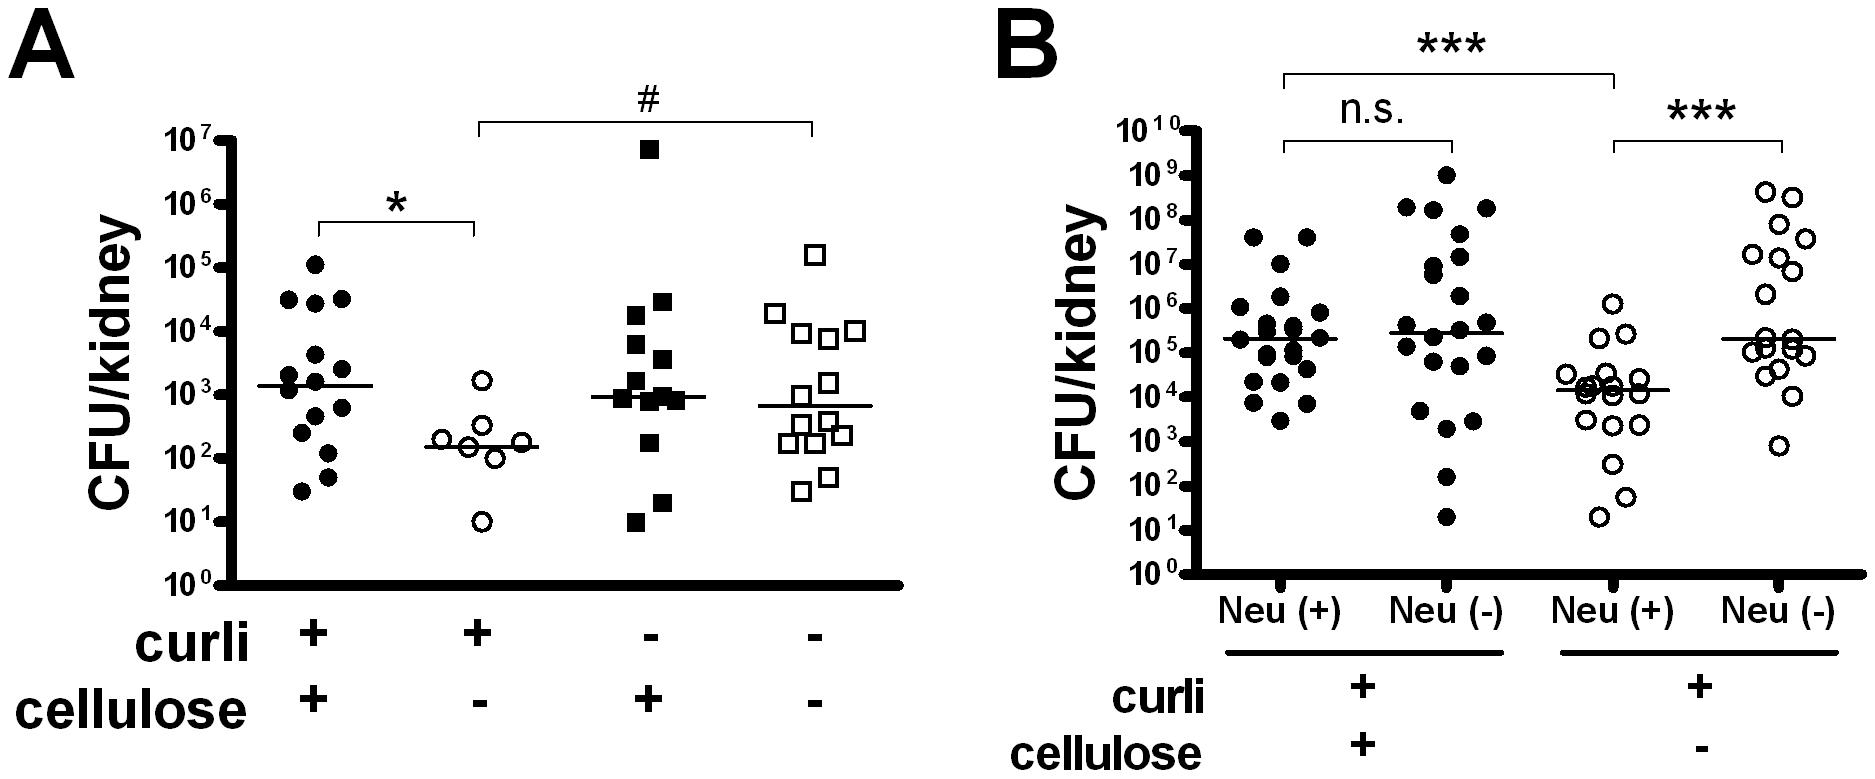 Cellulose delays bacterial elimination in vivo.